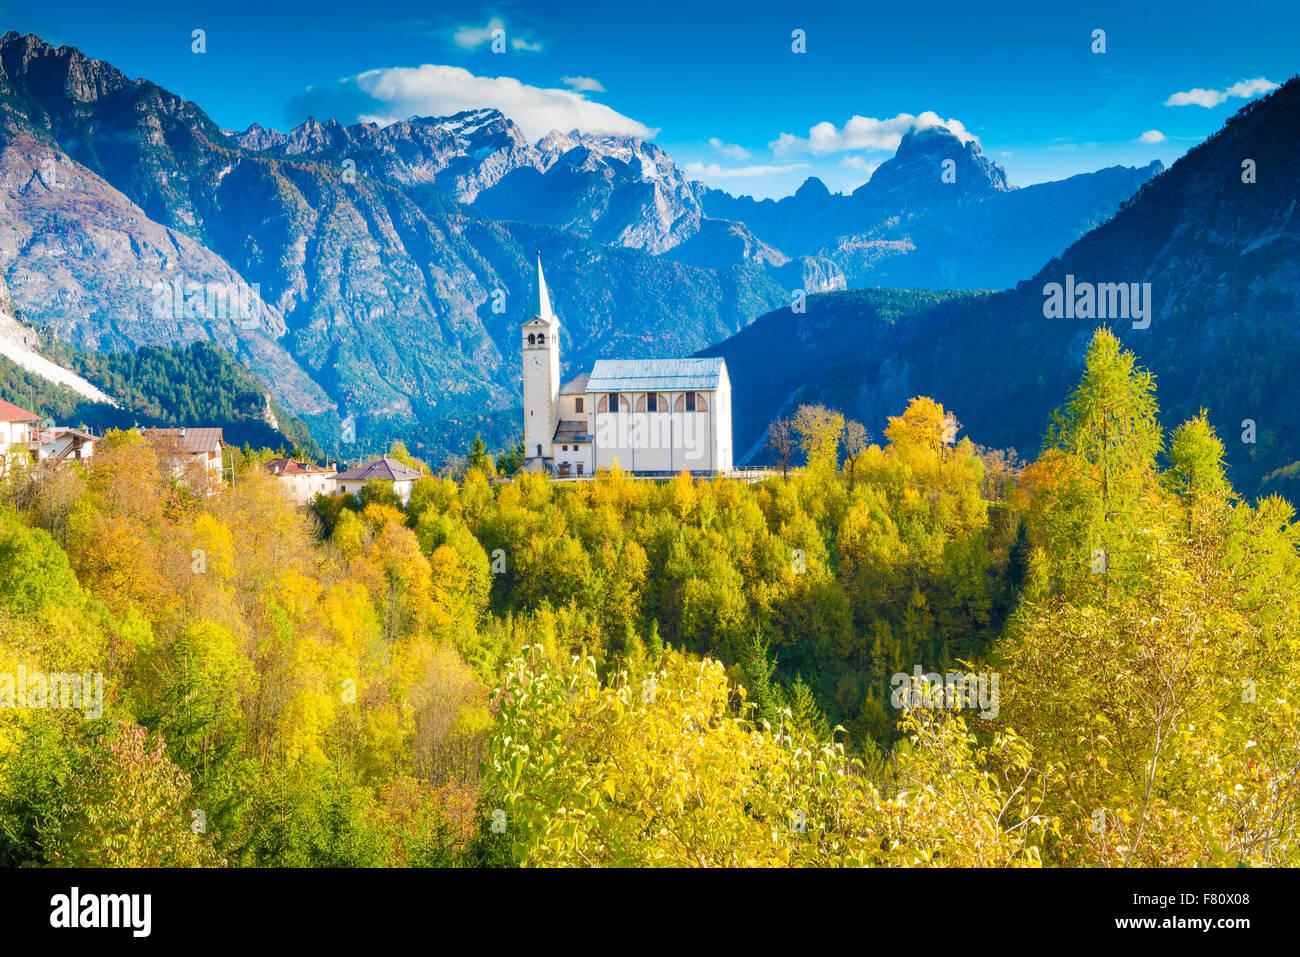 L'église et de la Dolomite Peaks, près de Cortina D'Ampezzo, Italie, Alpes Italiennes Photo Stock